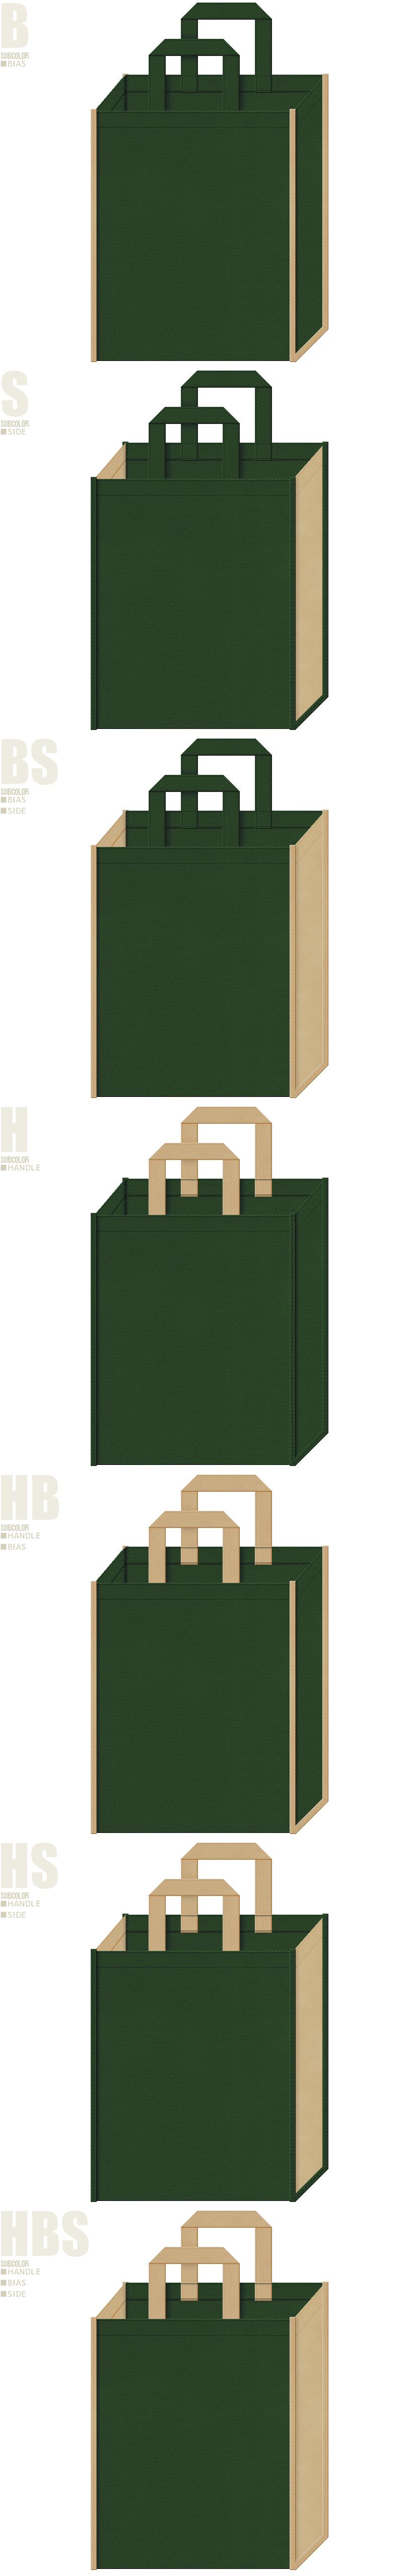 動物園・テーマパーク・探検・ジャングル・恐竜・サバンナ・サファリ・アニマル・DIY・登山・アウトドア・キャンプ用品の展示会用バッグにお奨めの不織布バッグデザイン:濃緑色とカーキ色の配色7パターン